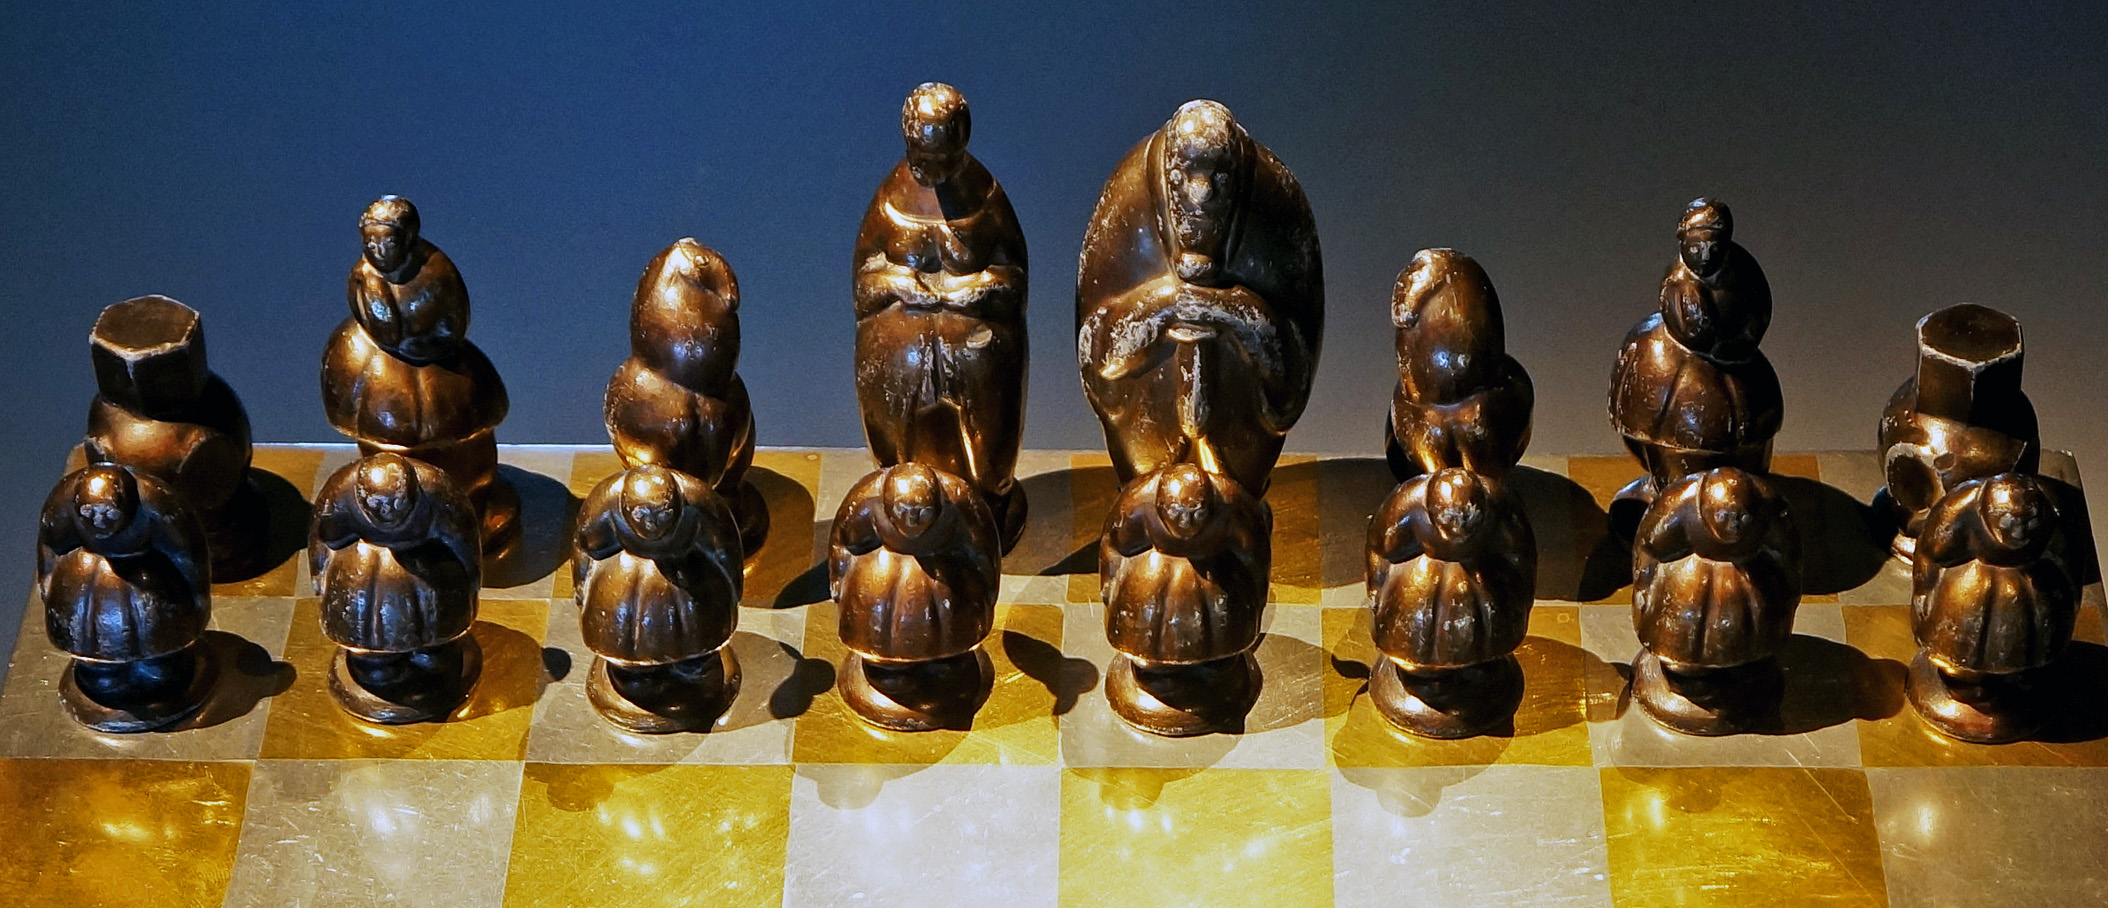 marie_louise_idestam_blomberg_chess-dsc08199.jpg